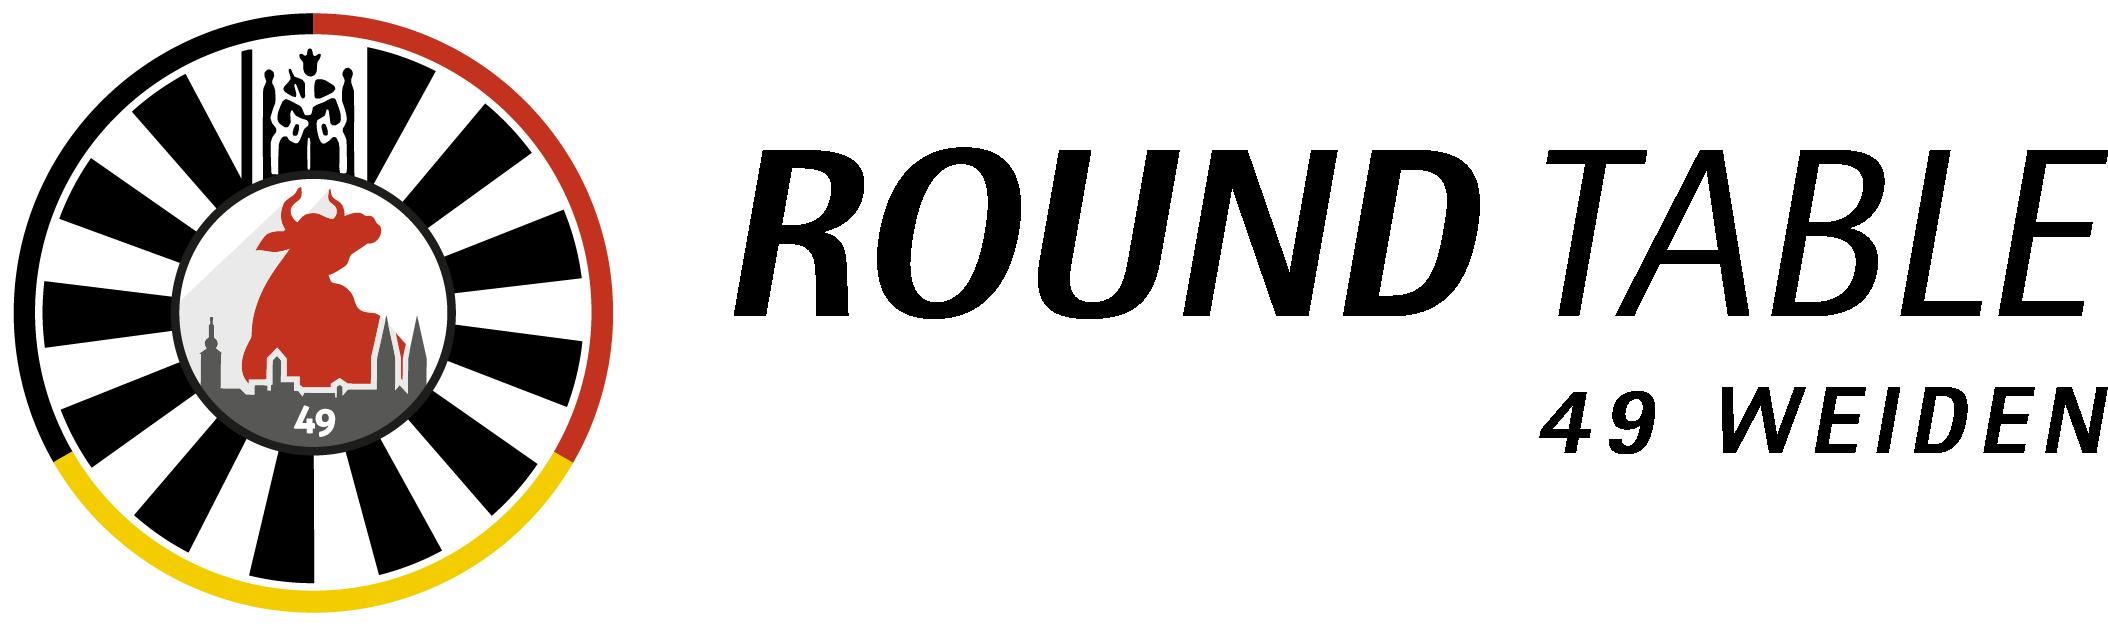 RT 49 WEIDEN